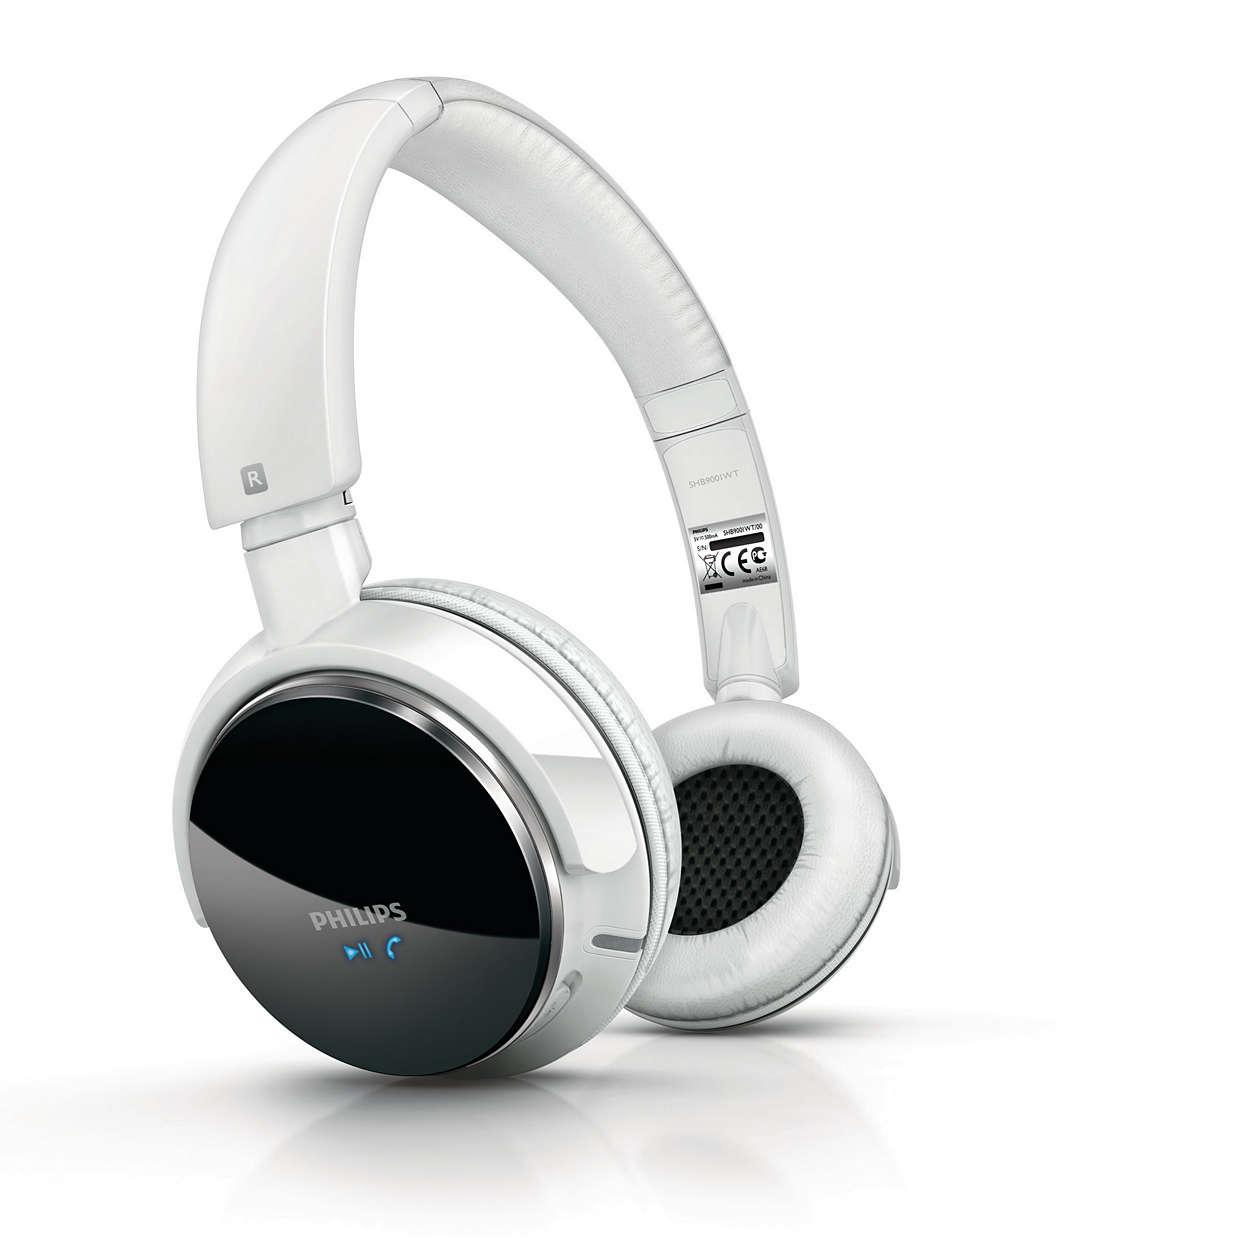 Altíssima qualidade de áudio sem fio